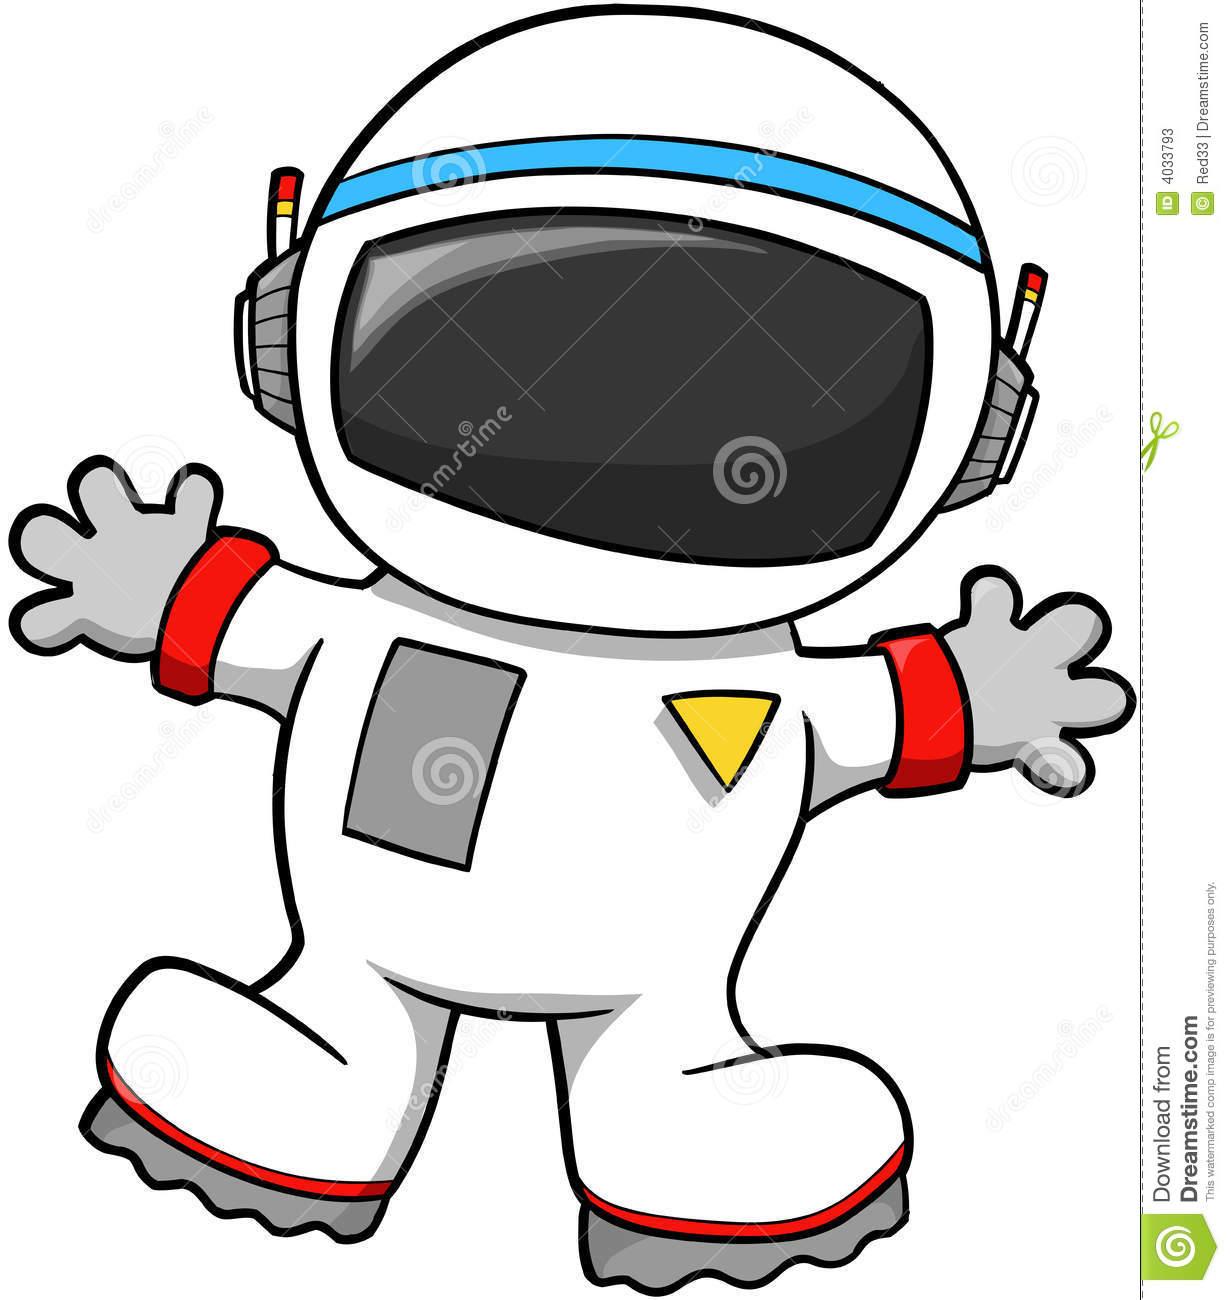 Asstronaut clipart picture transparent Astronaut Clipart | Free download best Astronaut Clipart on ... picture transparent